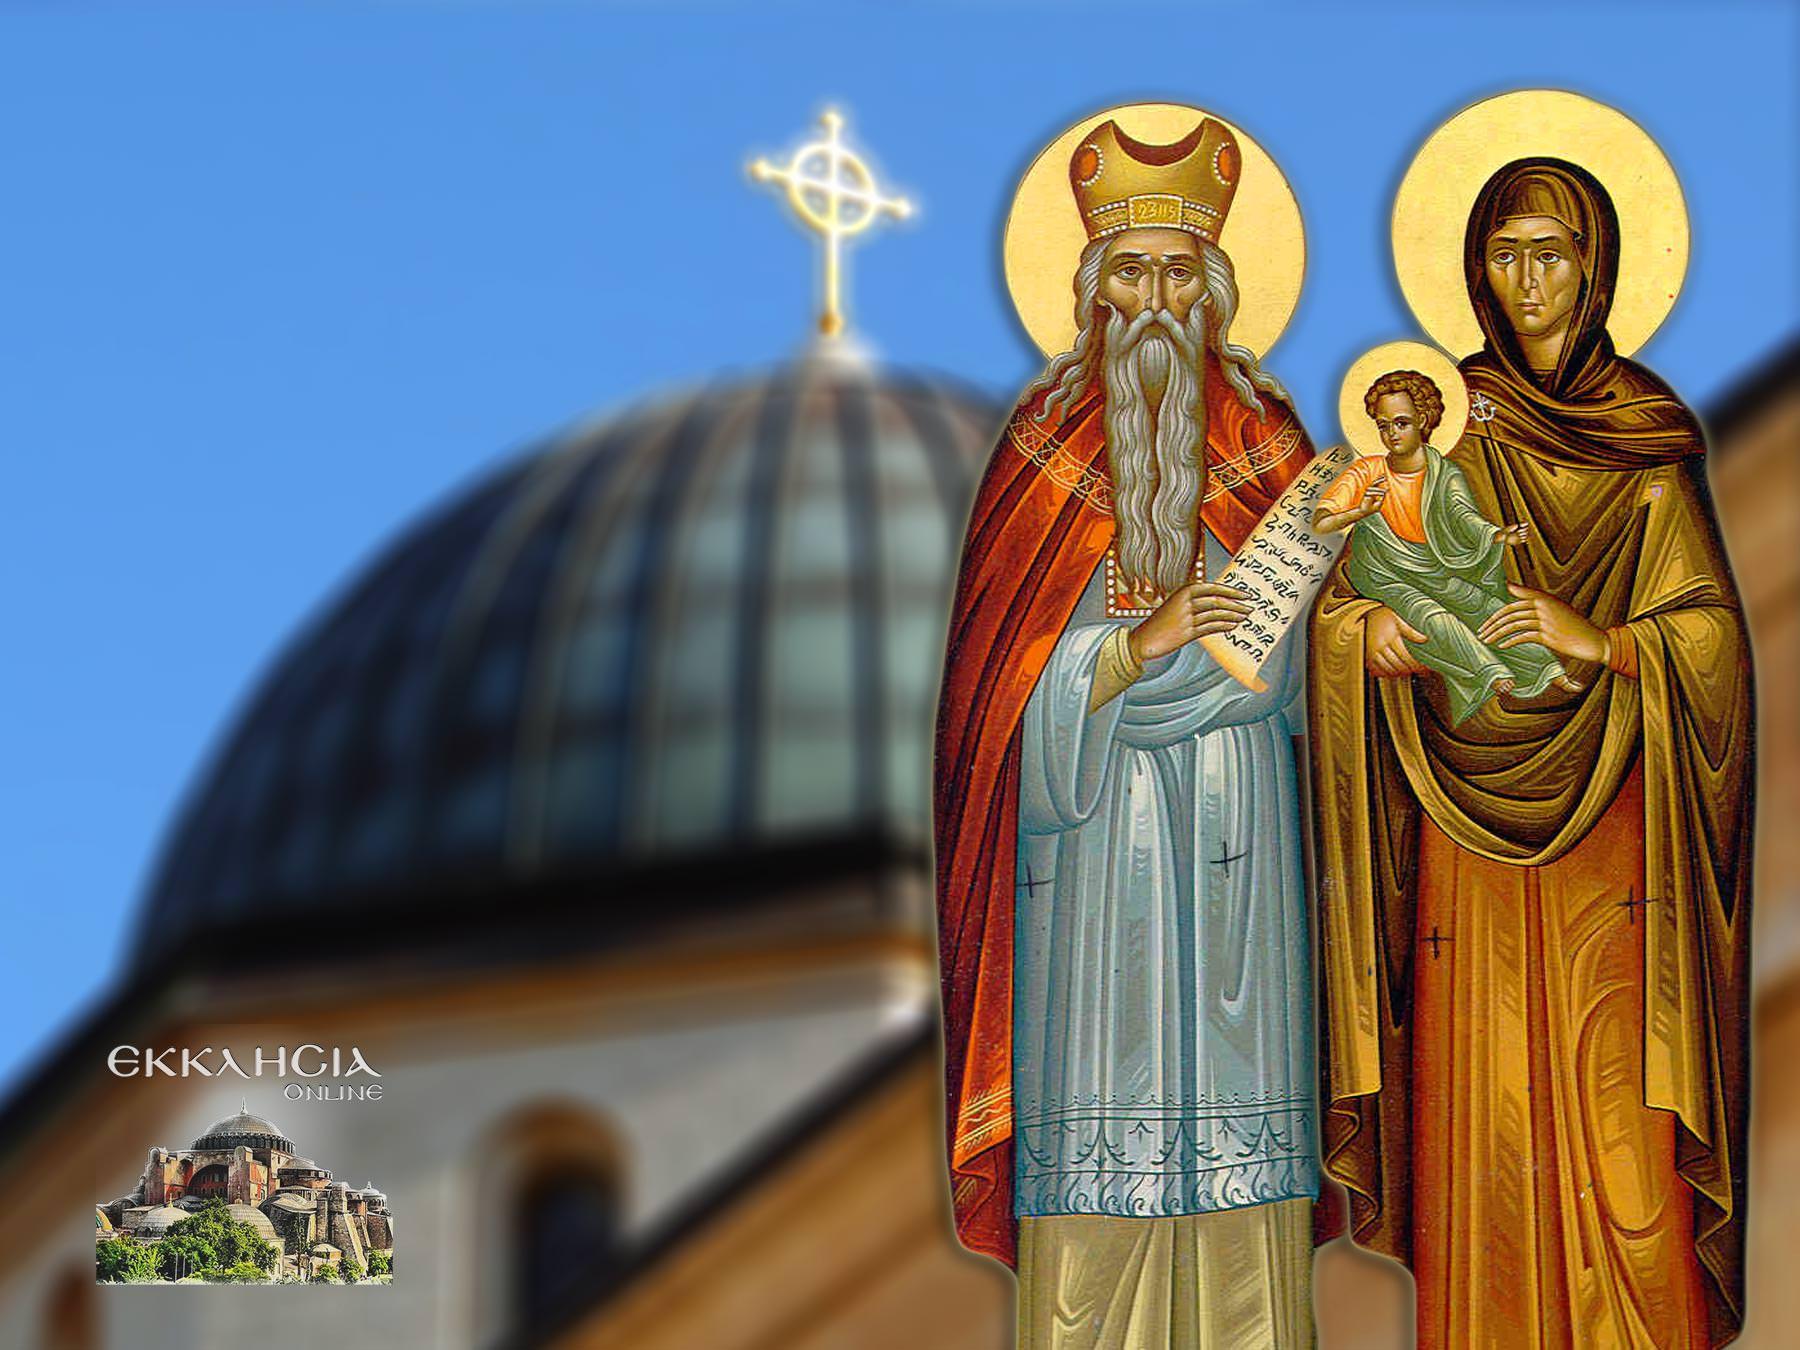 Προφήτης Ζαχαρίας και η σύζυγος του Ελισάβετ 5 Σεπτεμβρίου